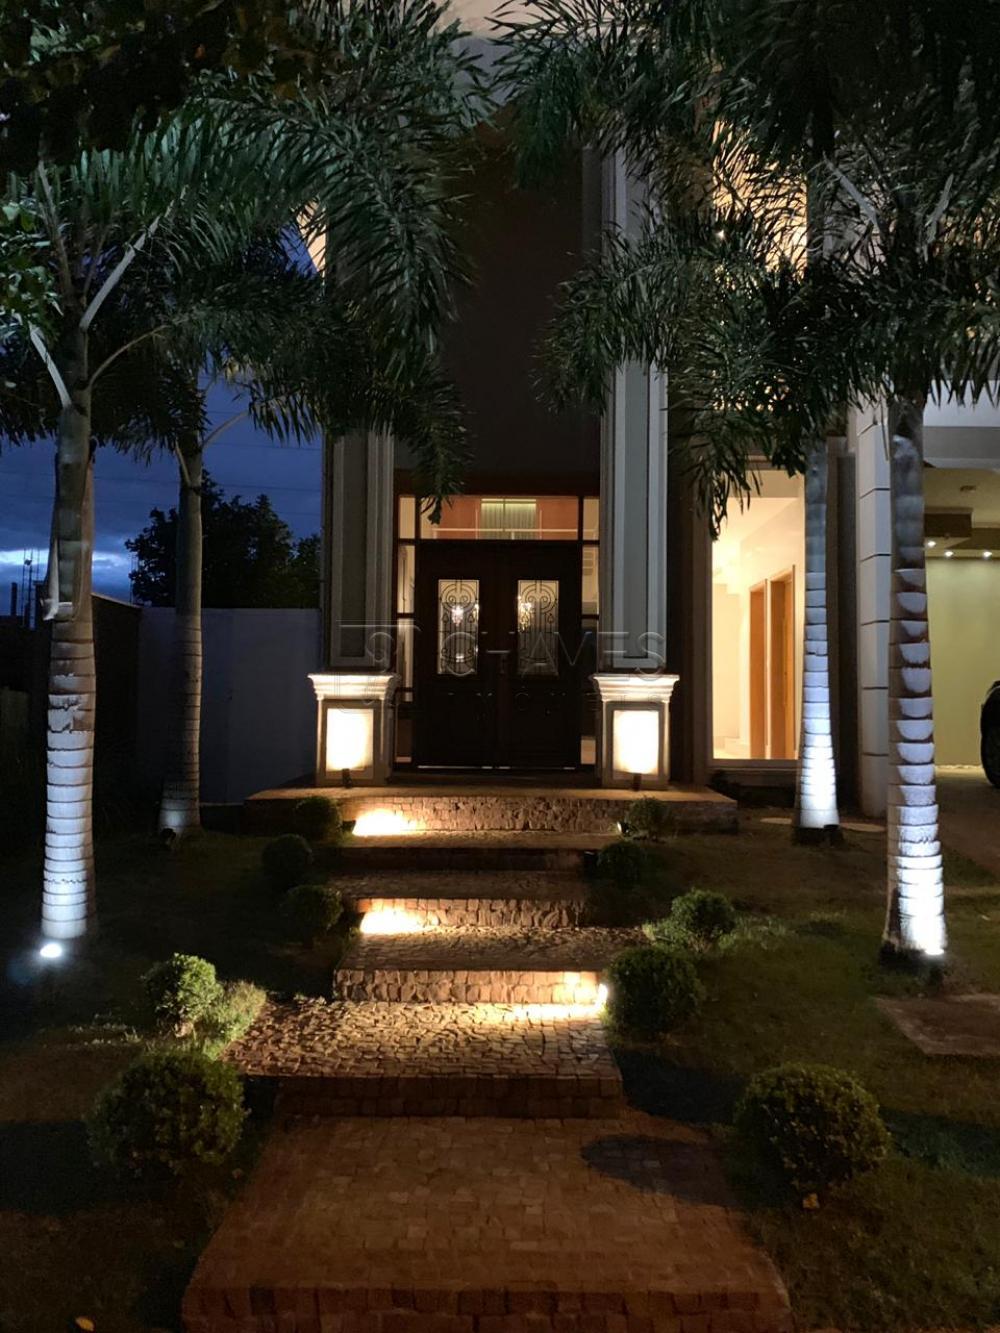 Comprar Casa / Condomínio em Ribeirao Preto apenas R$ 1.750.000,00 - Foto 6